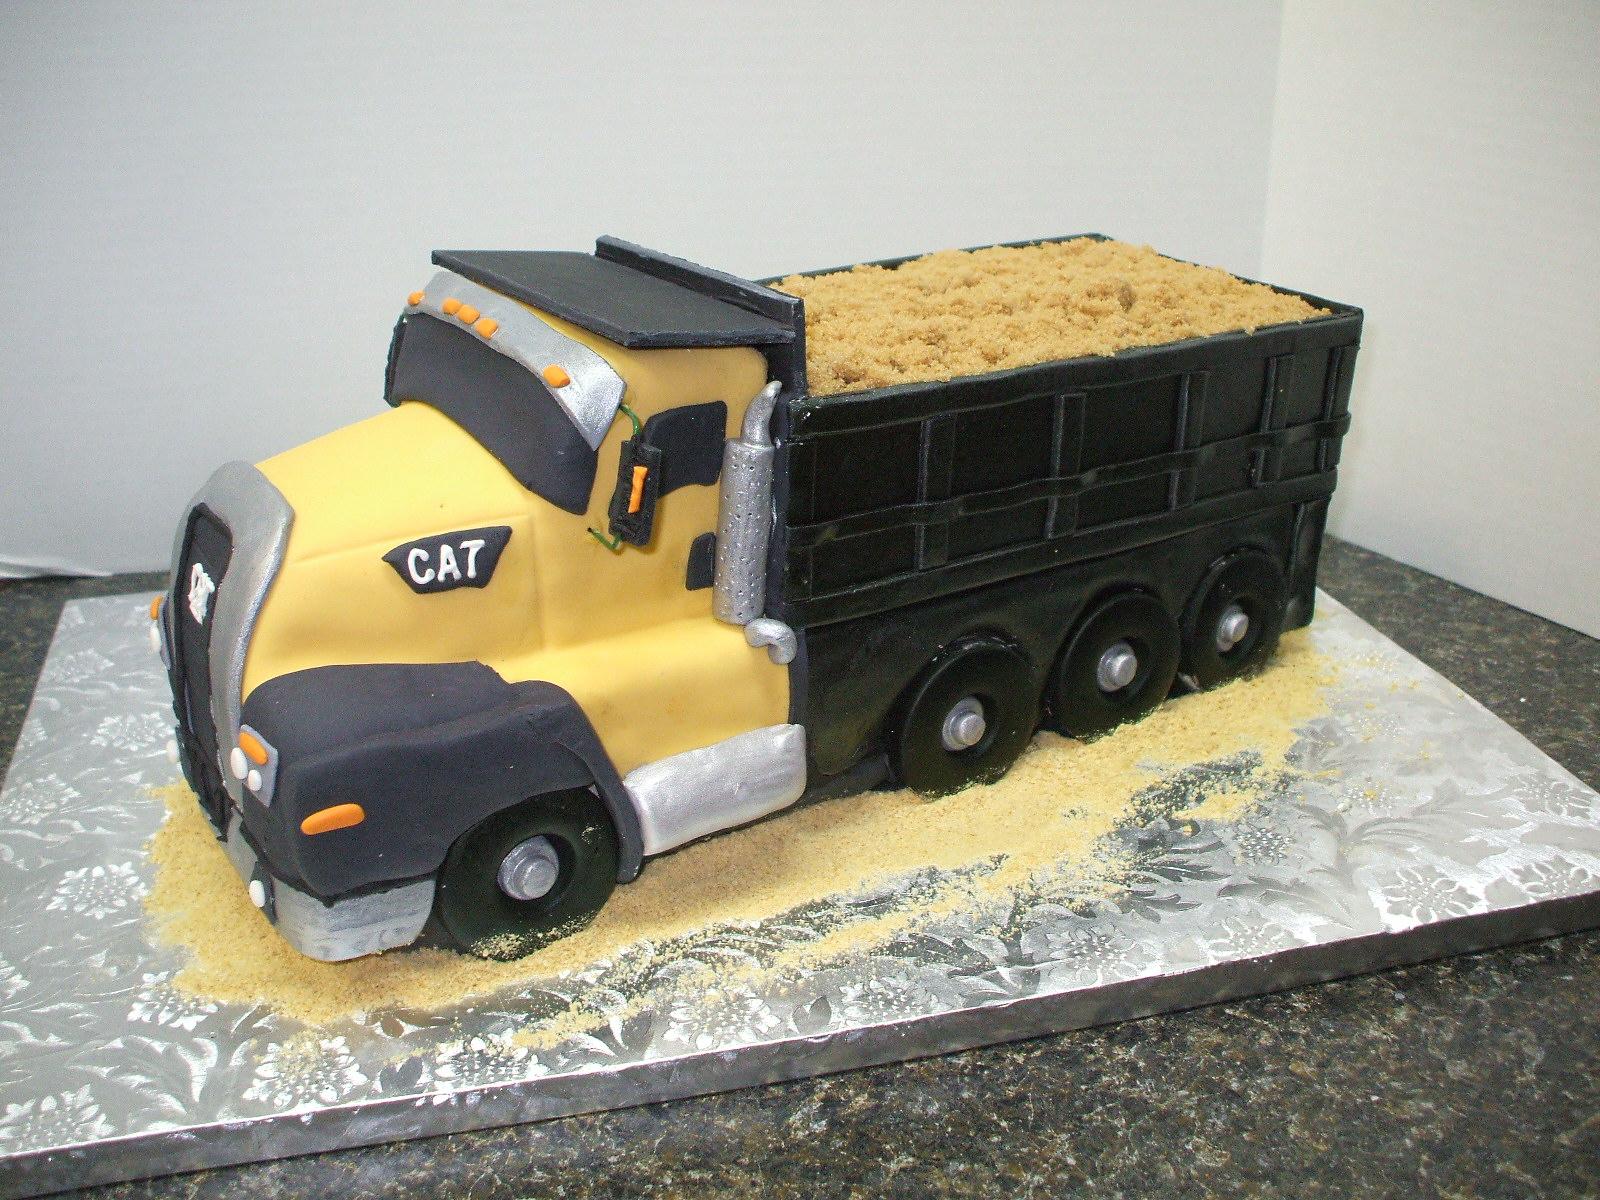 Thats A Cake Cat Dump Truck CT660